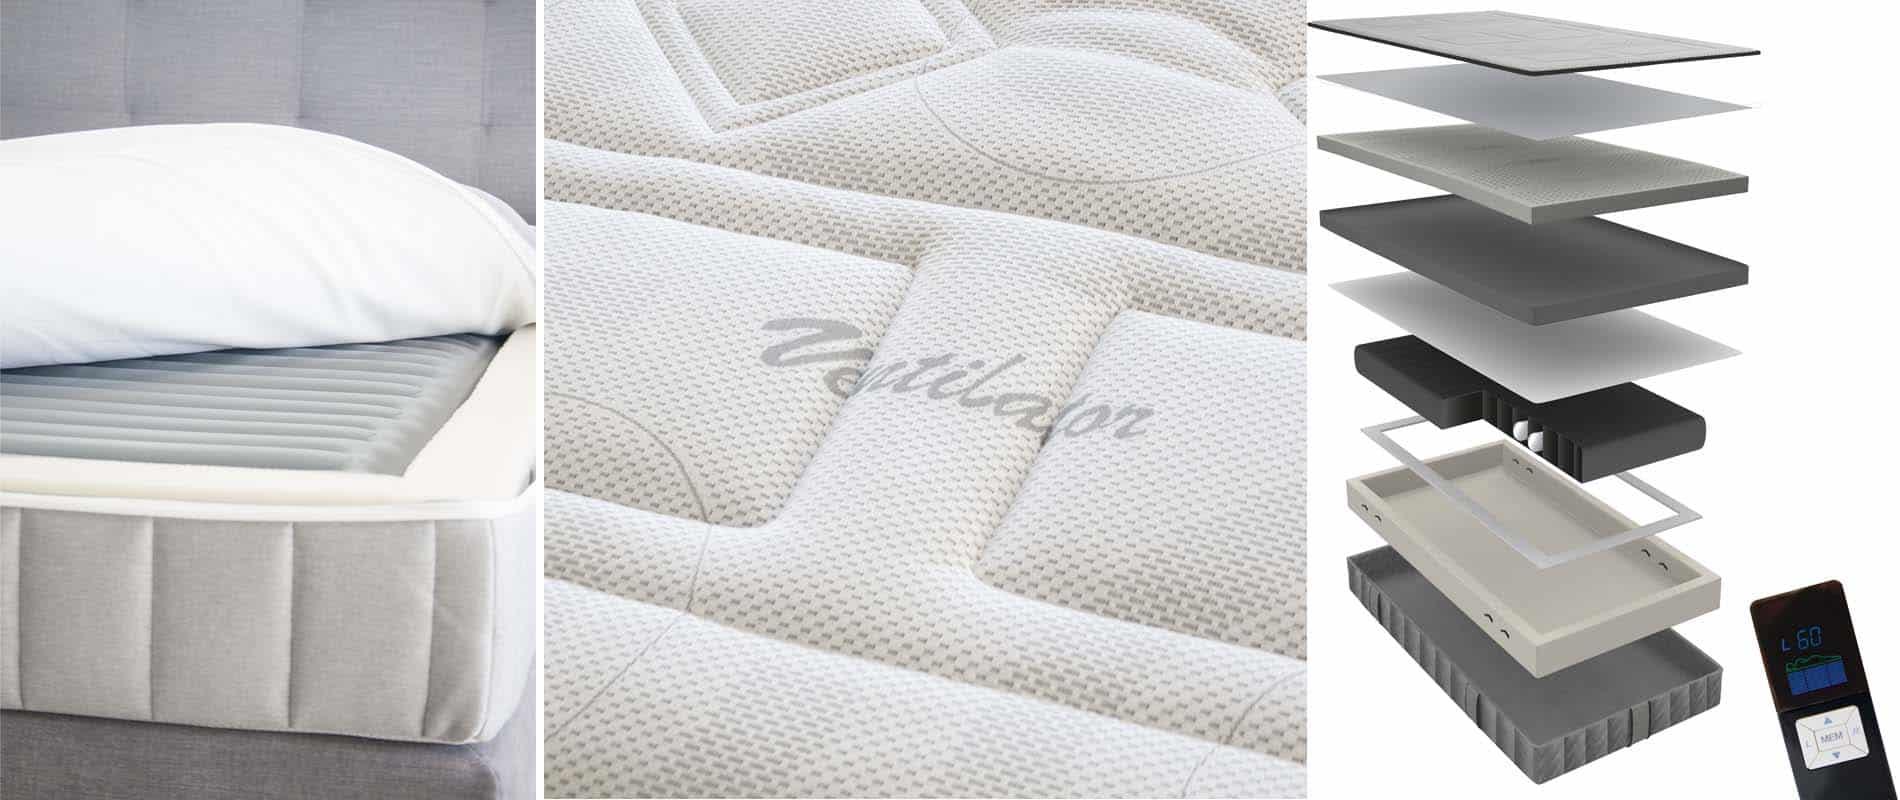 aquabest wasserbett siebenschlaf air matratze funktion - NEU: siebenschlaf® AIR Matratze